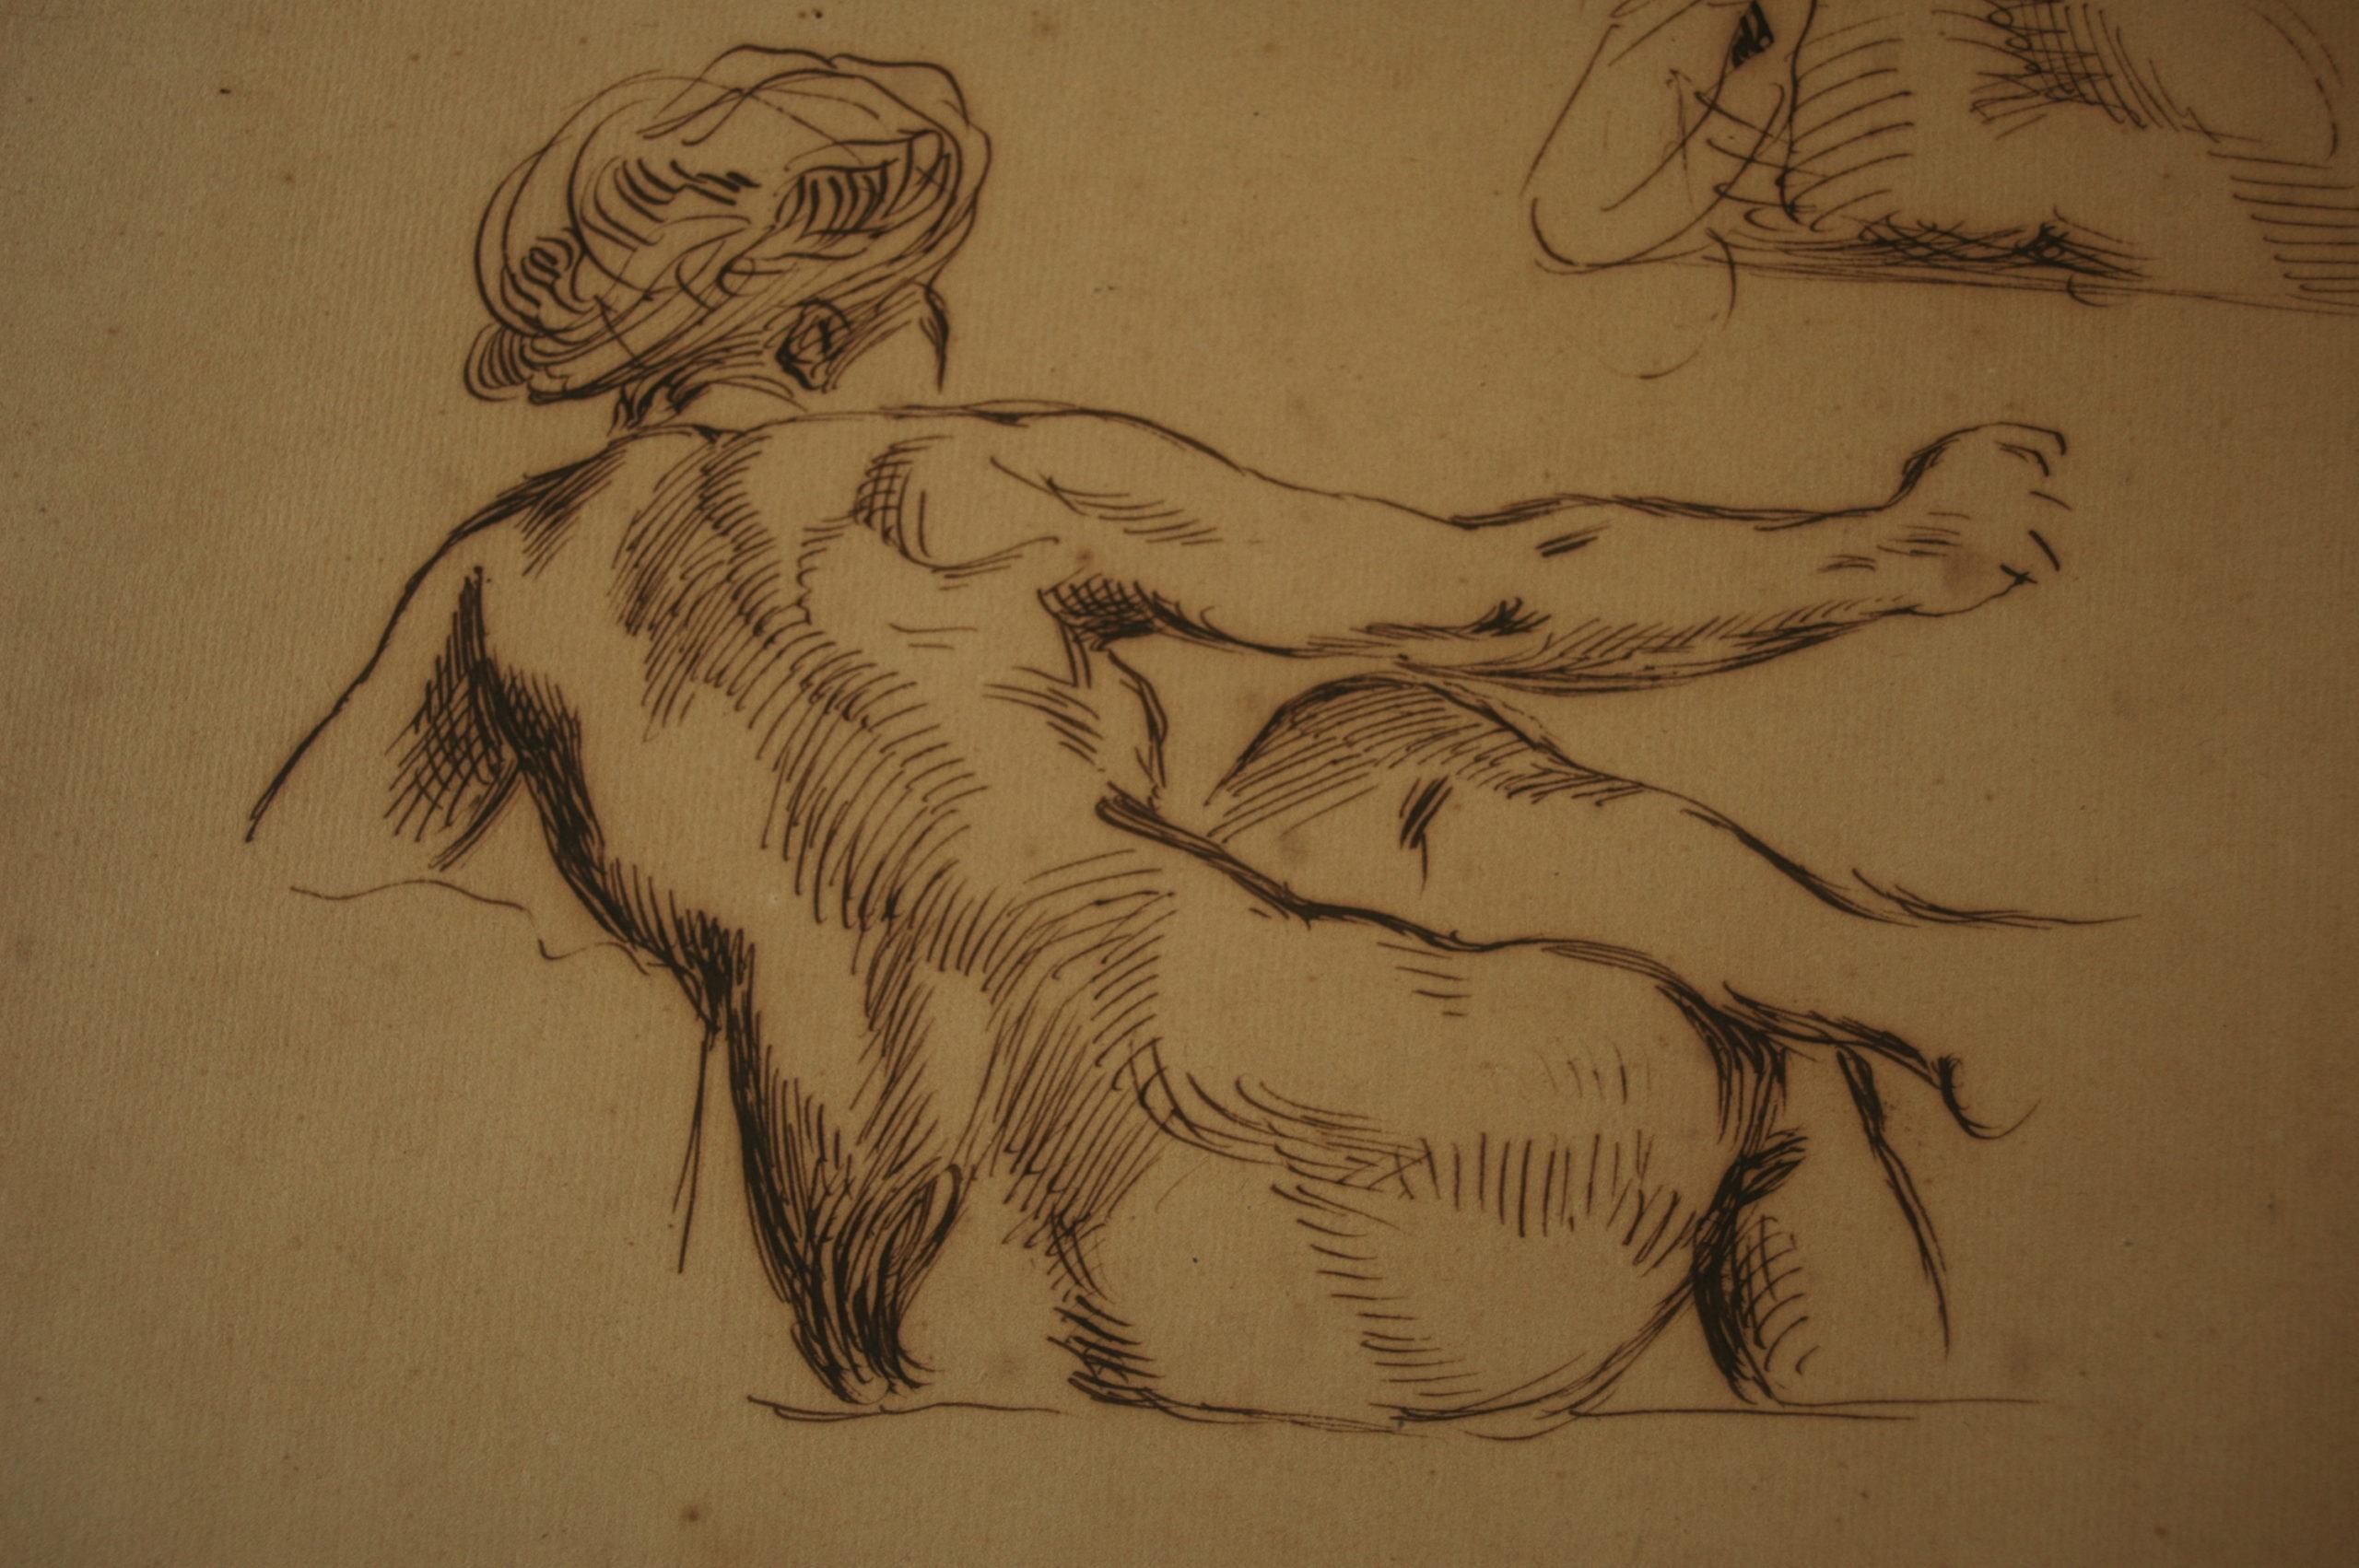 Dessin Nu Dos. Eugène Delacroix, Feuille d'étude, encre sur papier (détail), Paris, Musée du Louvre, copyright: cliché de l'expert.